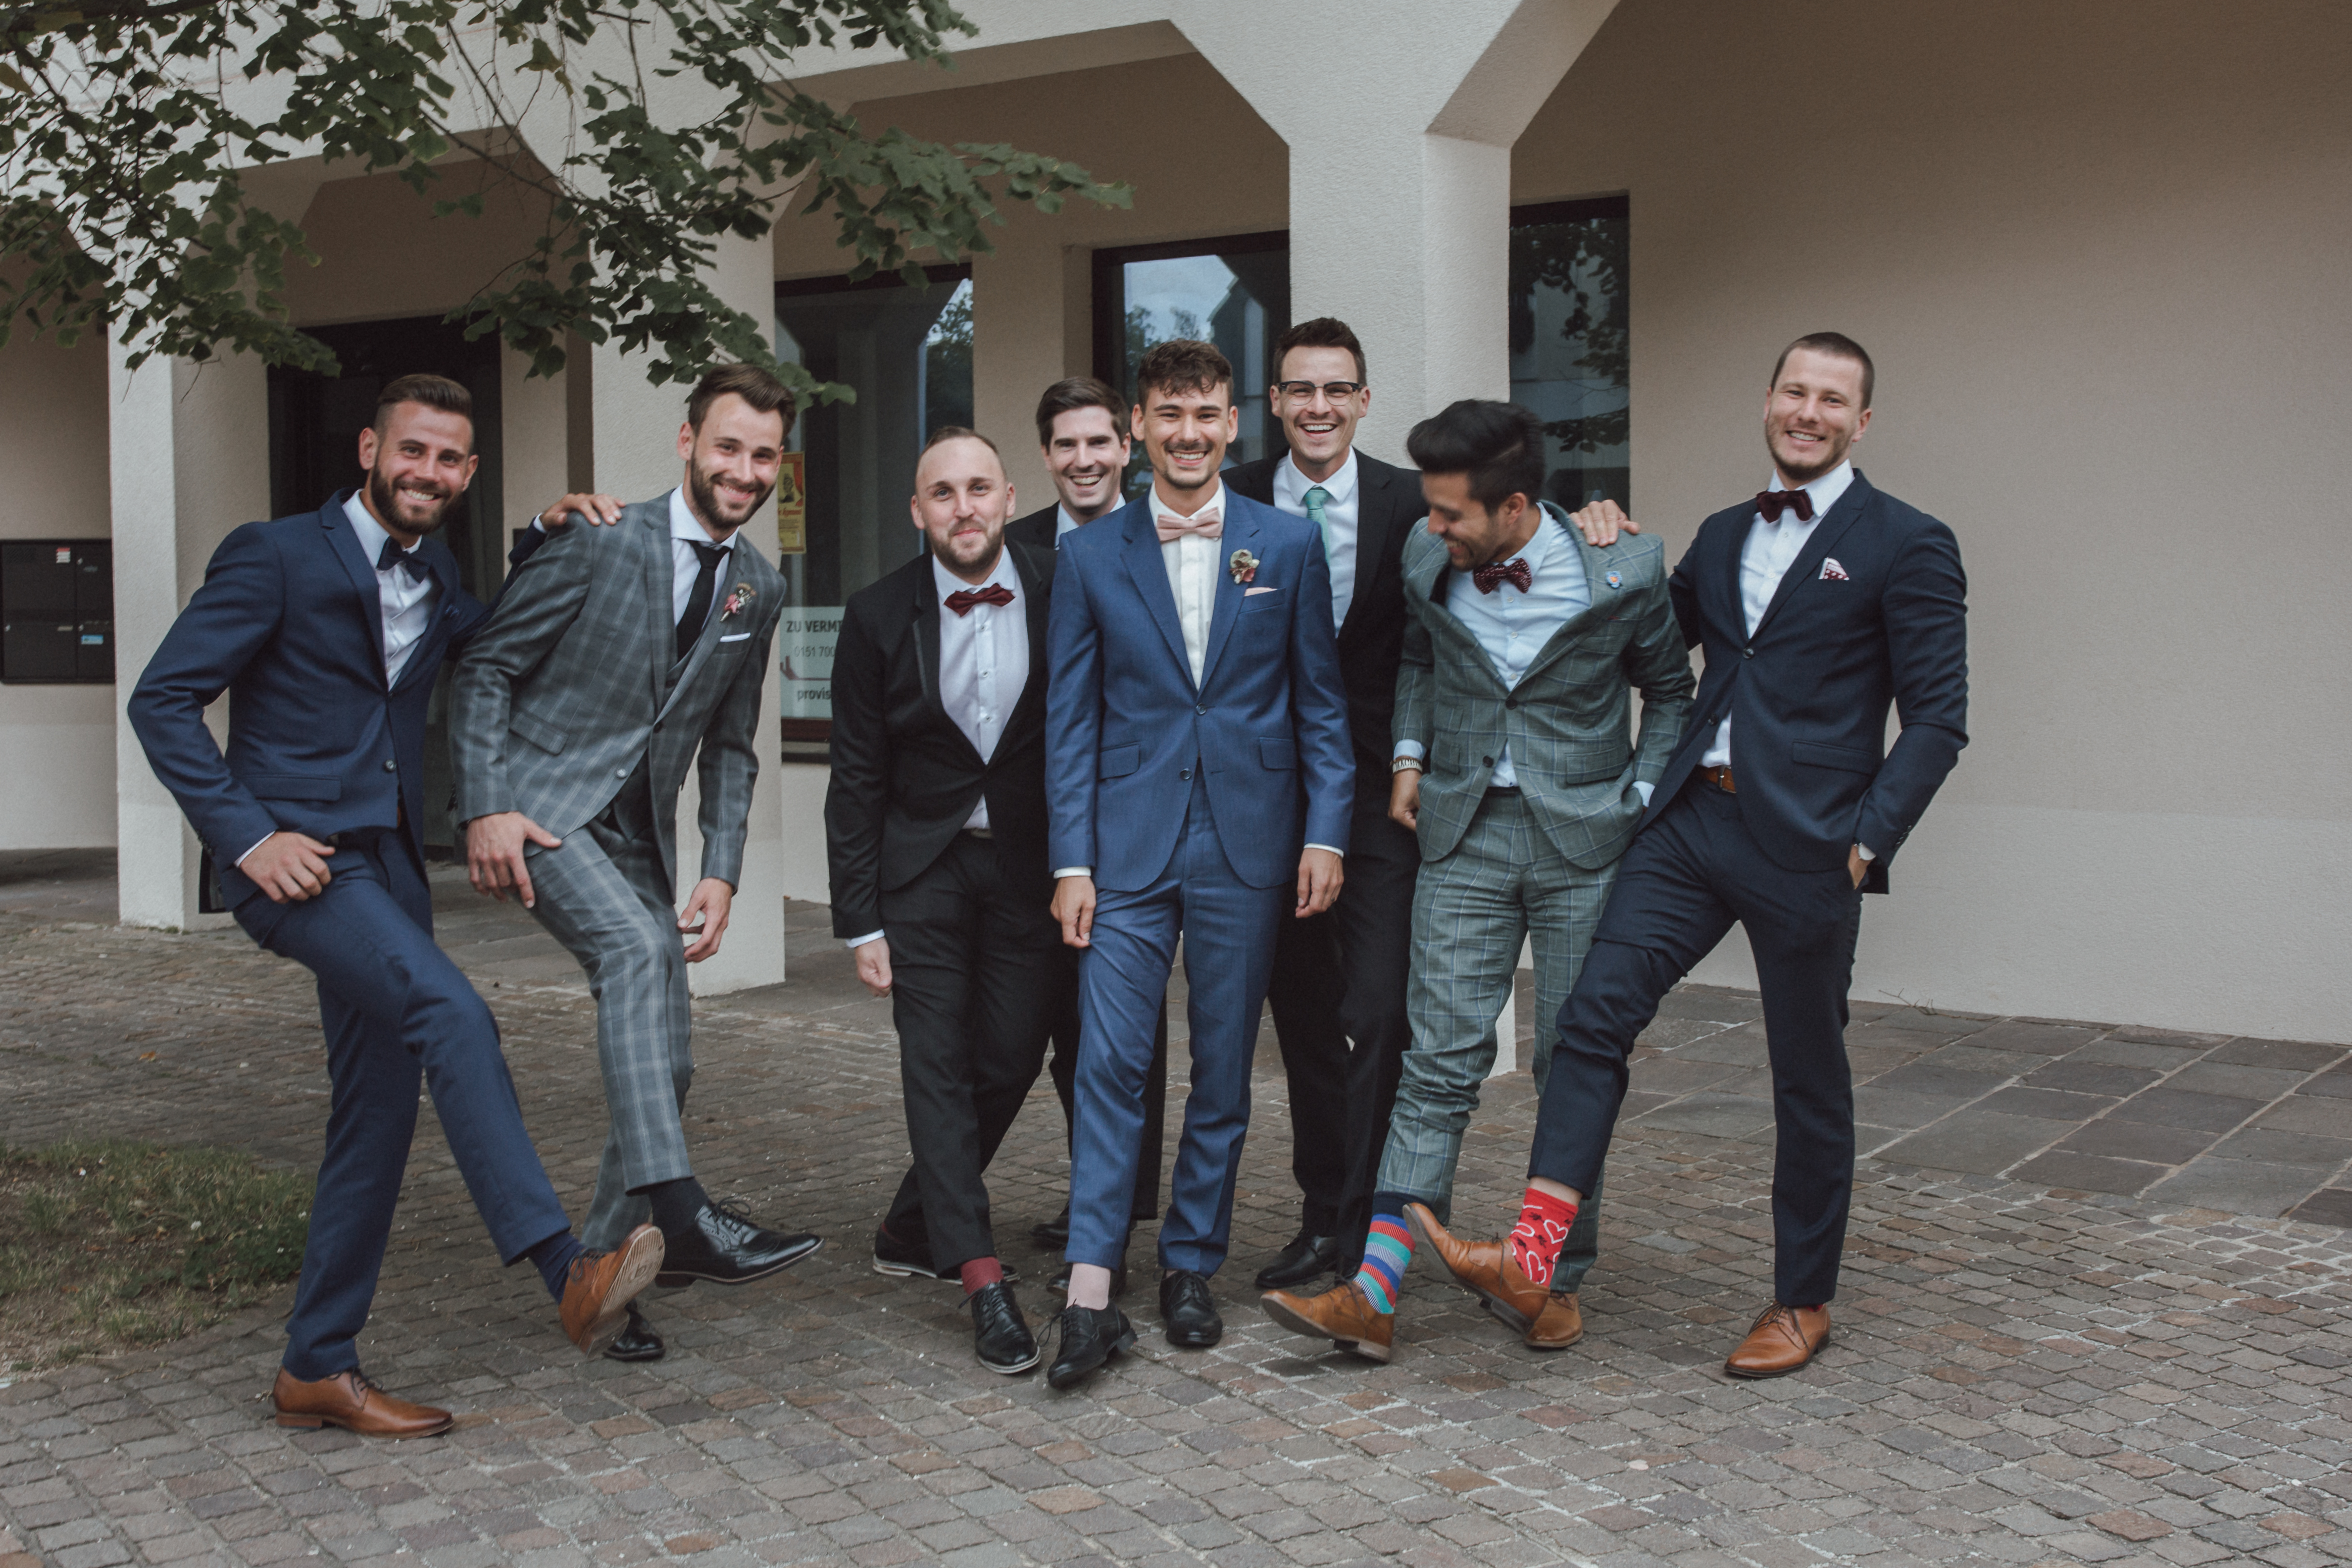 URBANERIE_Daniela_Goth_Hochzeitsfotografin_Nürnberg_Fürth_Erlangen_Schwabach_170715_0899